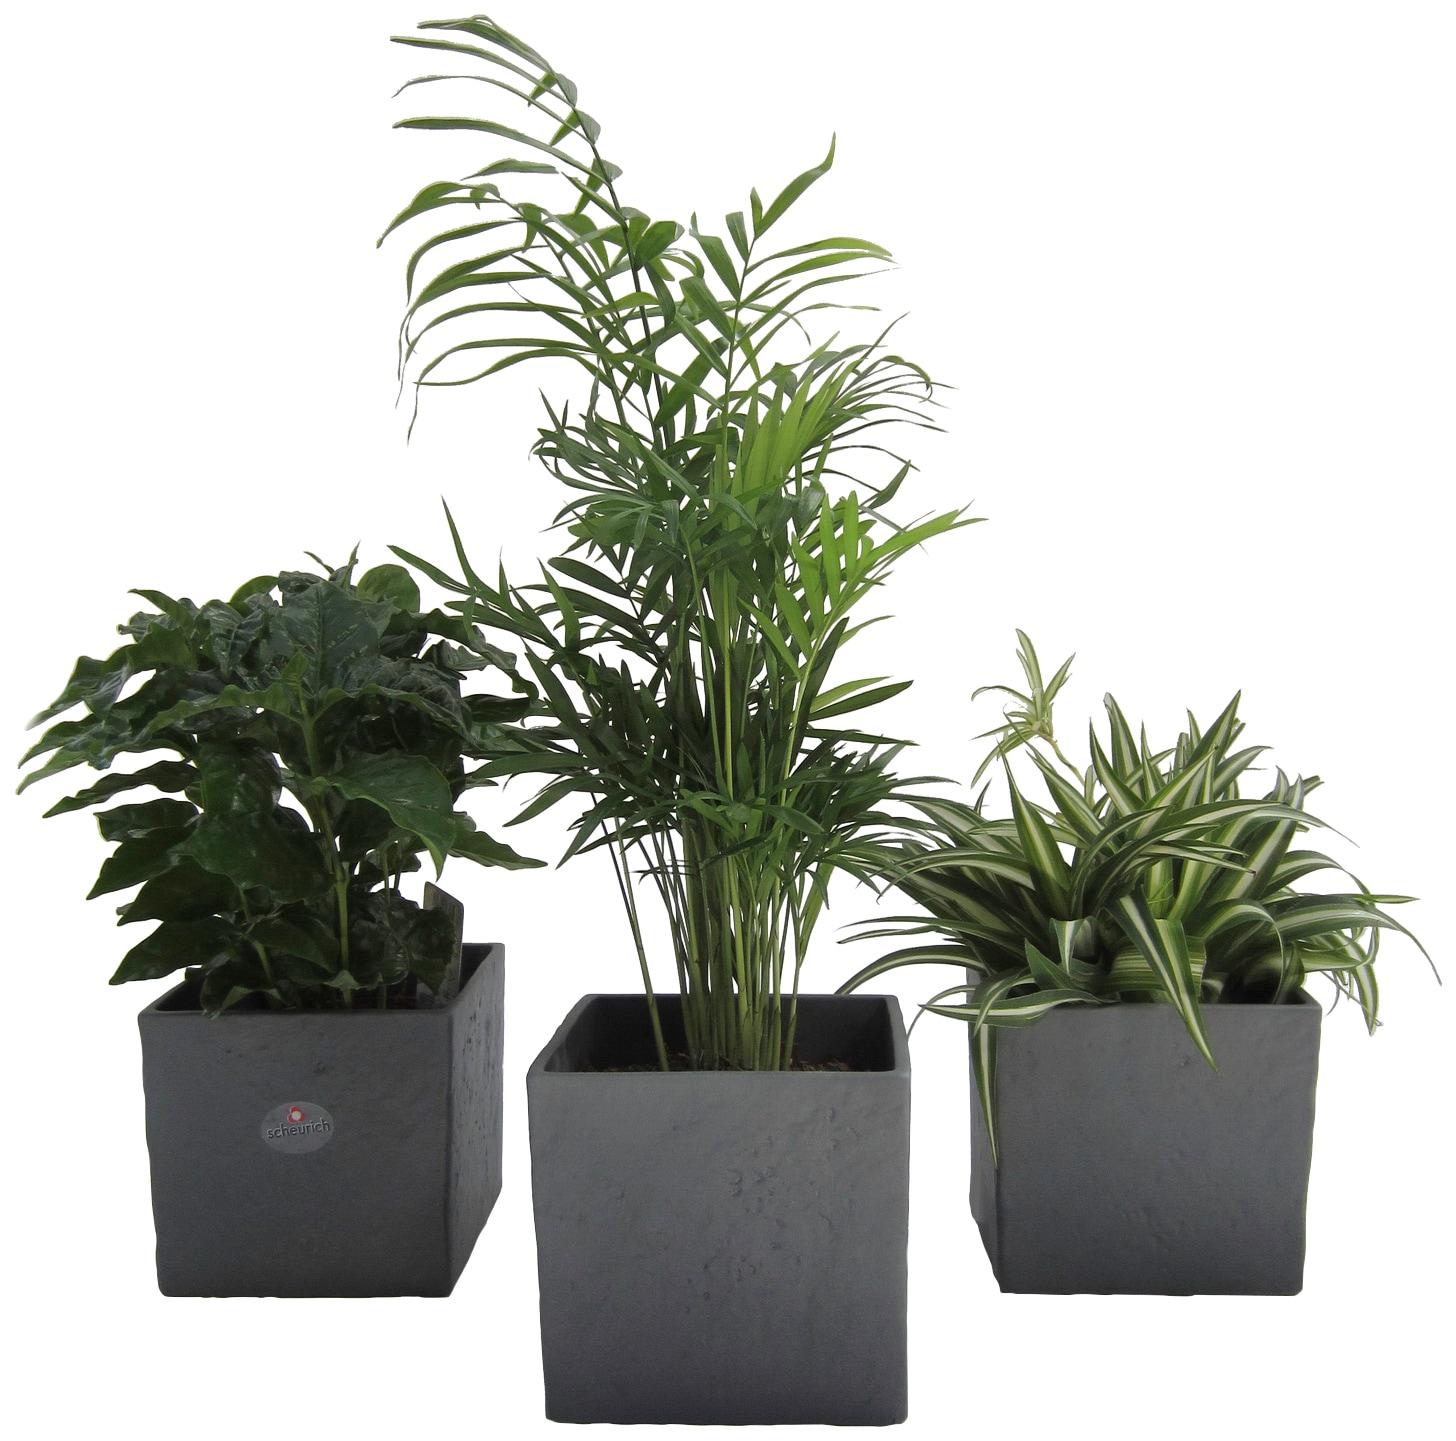 Dominik Zimmerpflanze Palmen-Set, Höhe: 15 cm, 3 Pflanzen in Dekotöpfen grün Zimmerpflanzen Garten Balkon